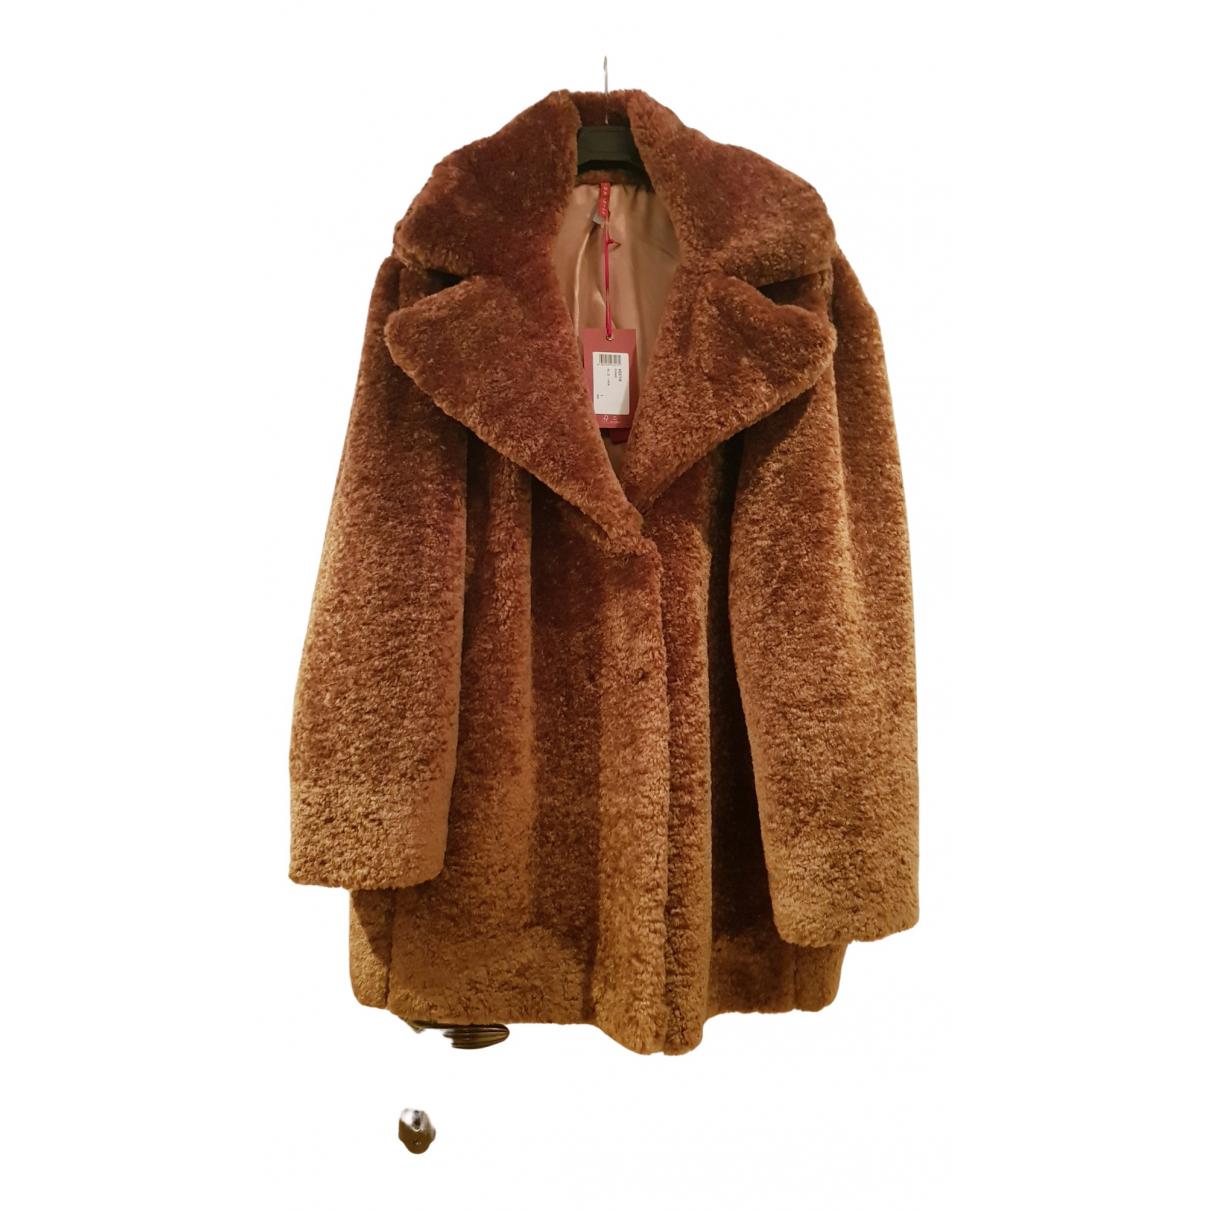 Imperial - Manteau   pour femme en fourrure synthetique - camel